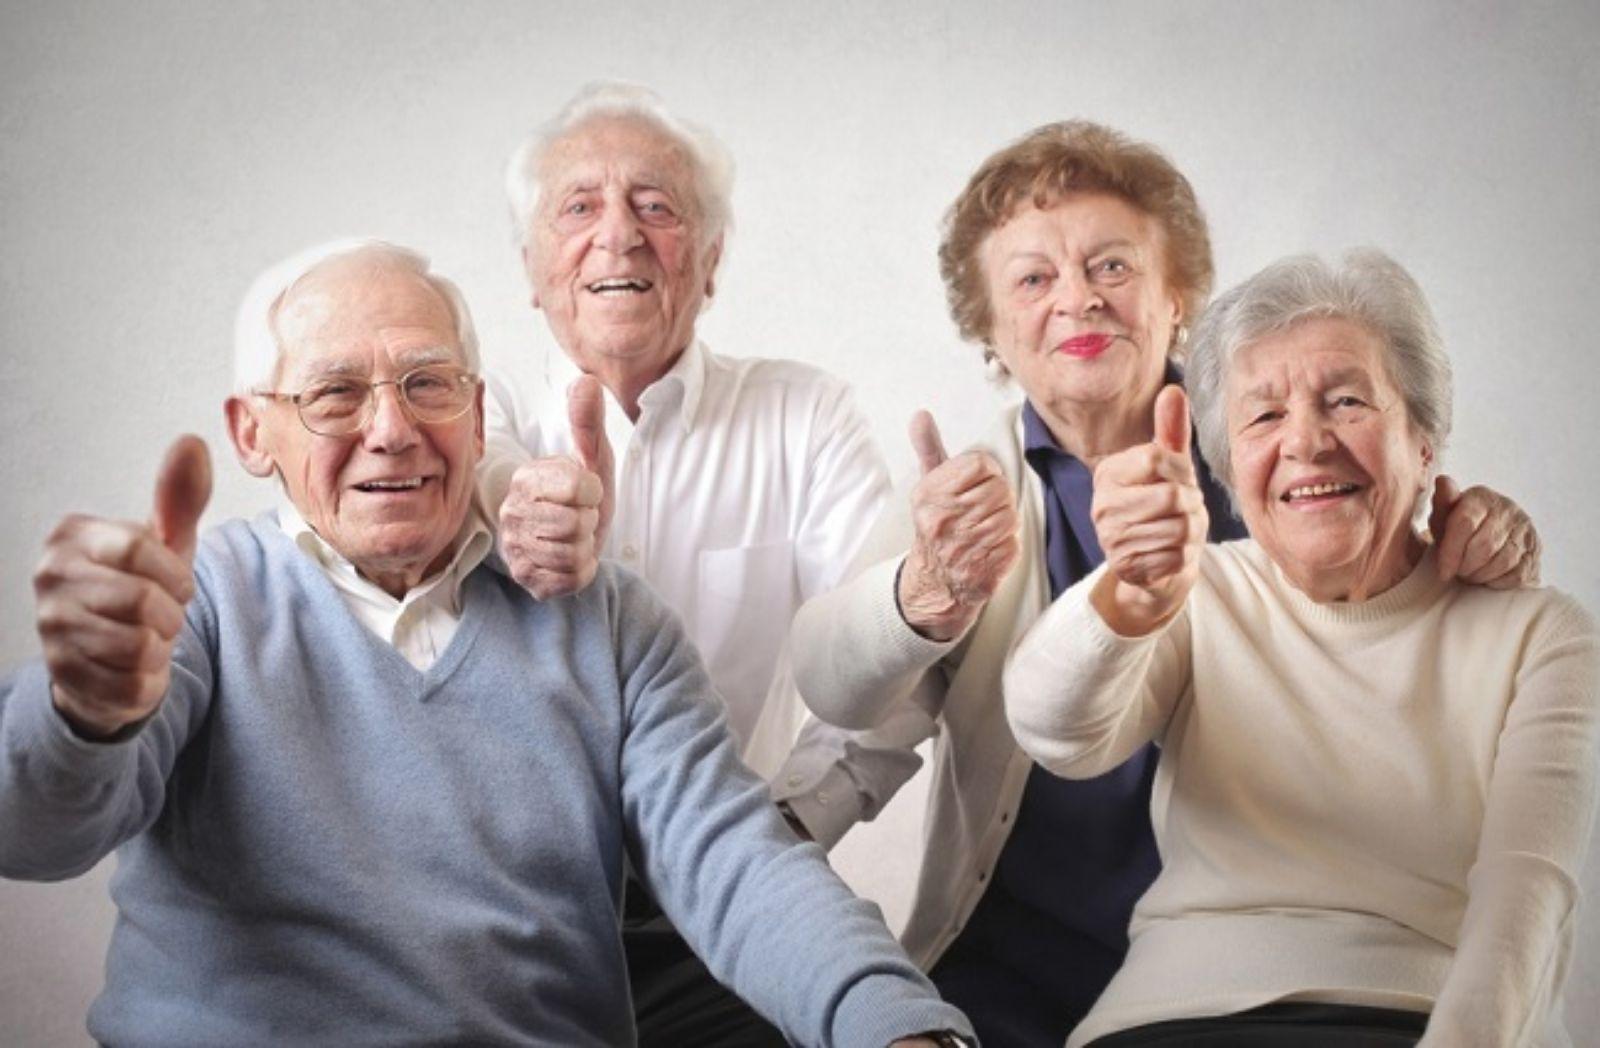 пенсионная реформа антисоциальная